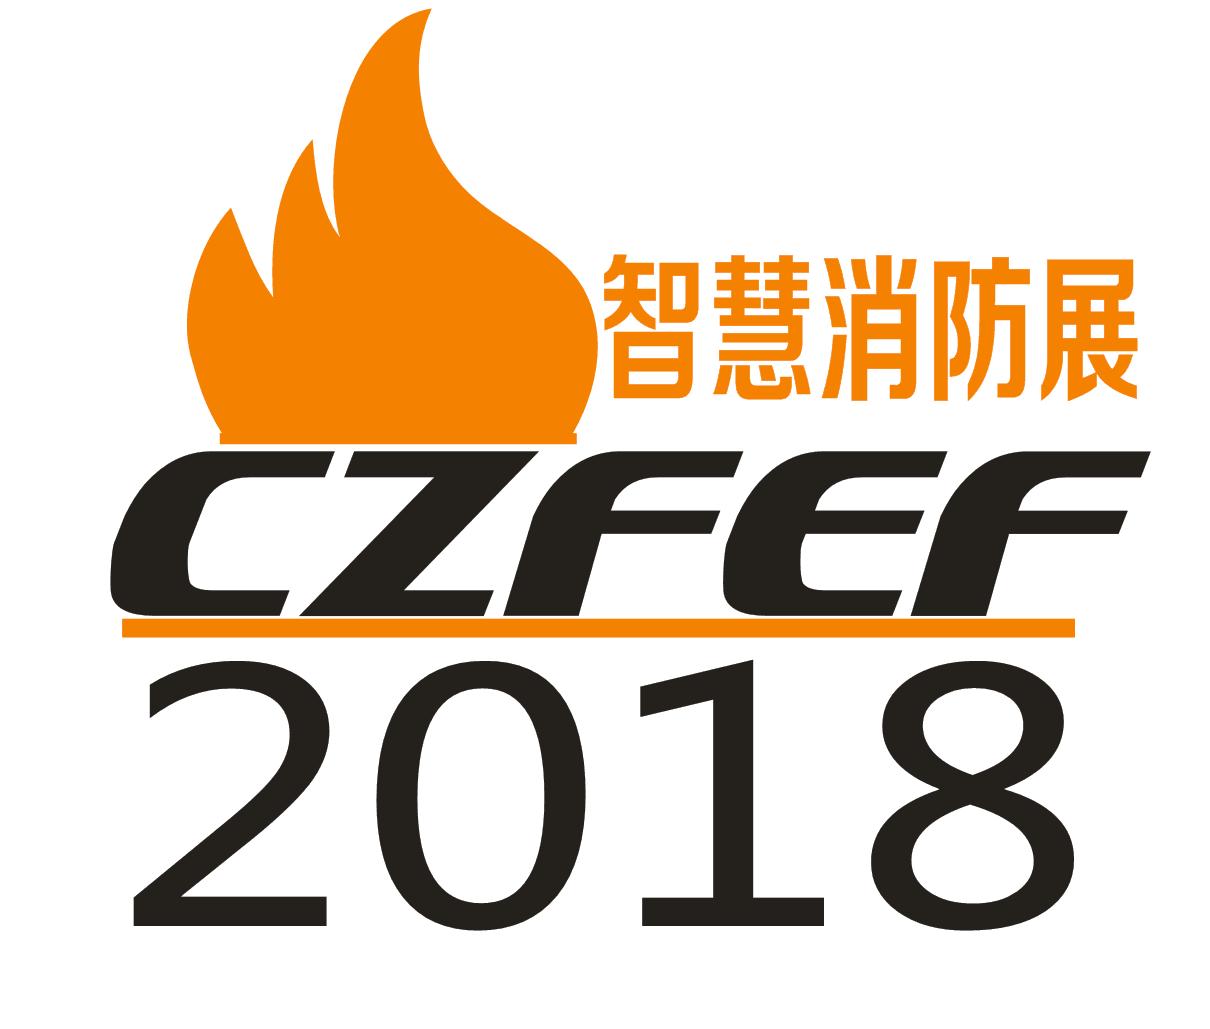 2018智慧消防展览会|消防物联网展会|消防信息化展会暨论坛